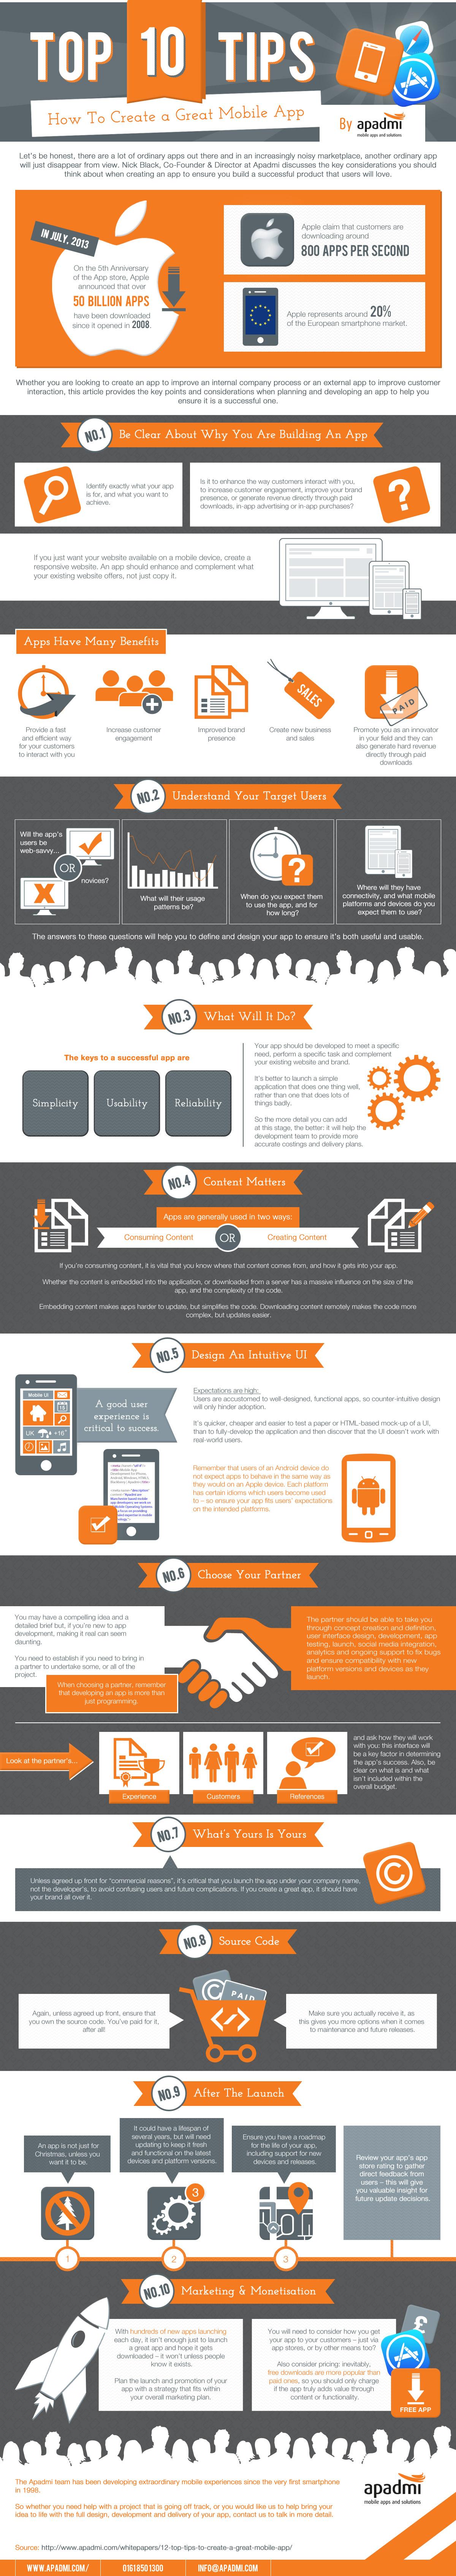 infografia-crear-apps-exito